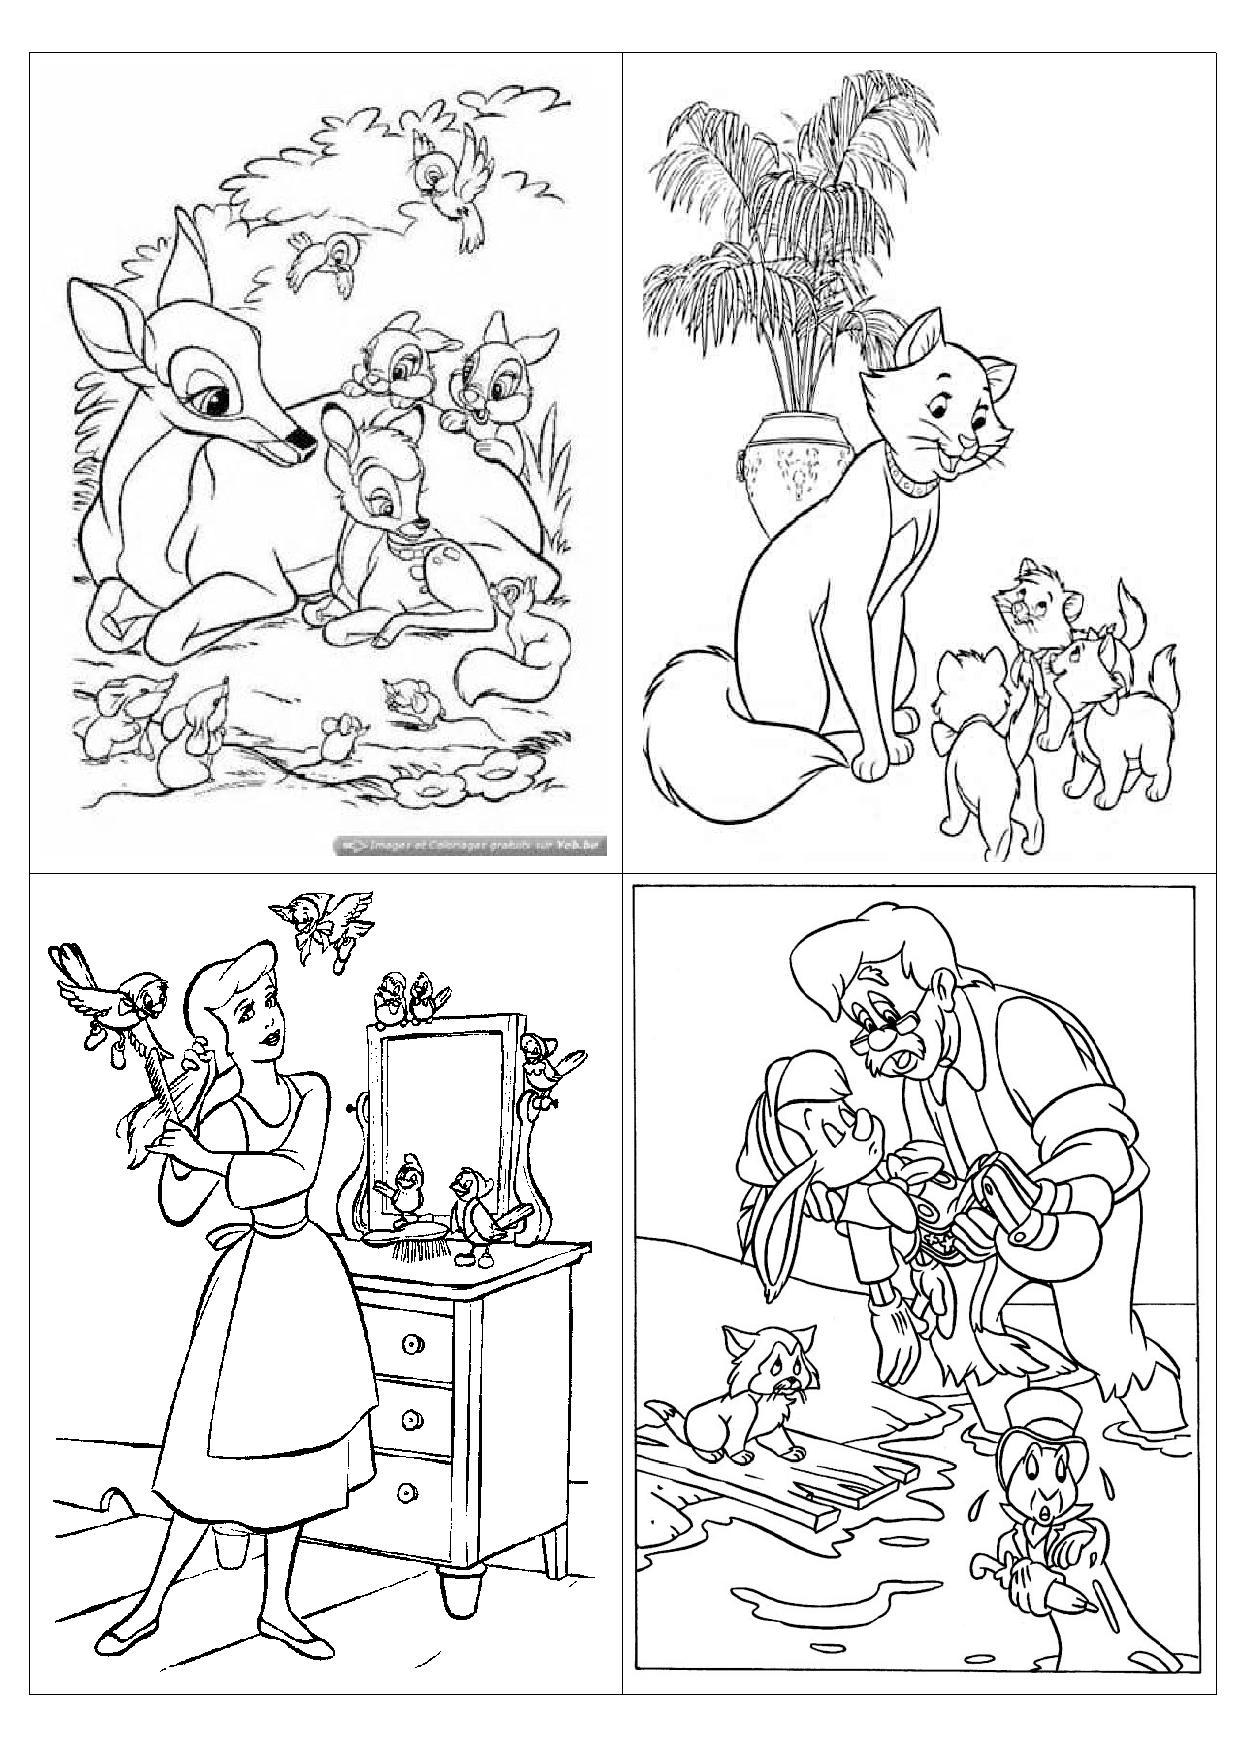 20 dessins de coloriage le roi lion pdf imprimer - Coloriage magique pdf ...